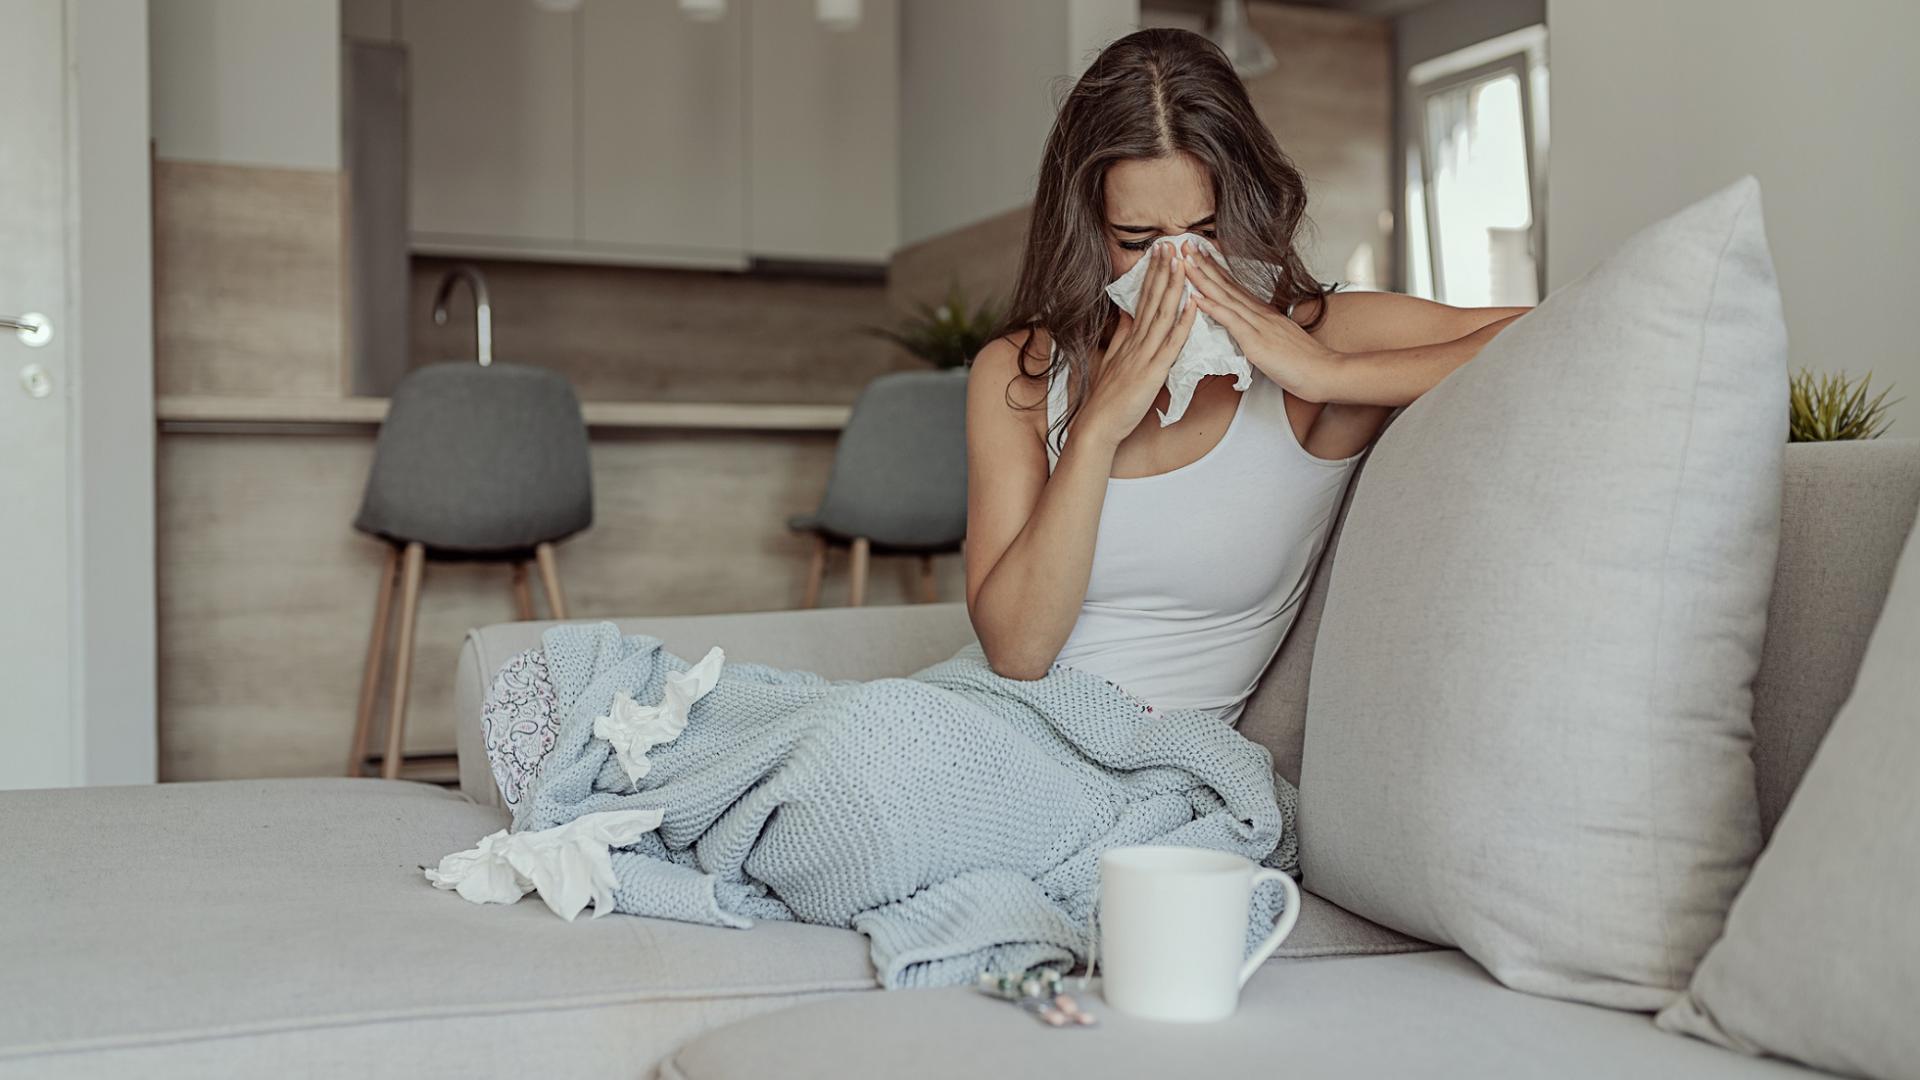 Kranke, erkältete Frau eingewickelt in einer Decke auf der Couch mit benutzten Taschentüchern